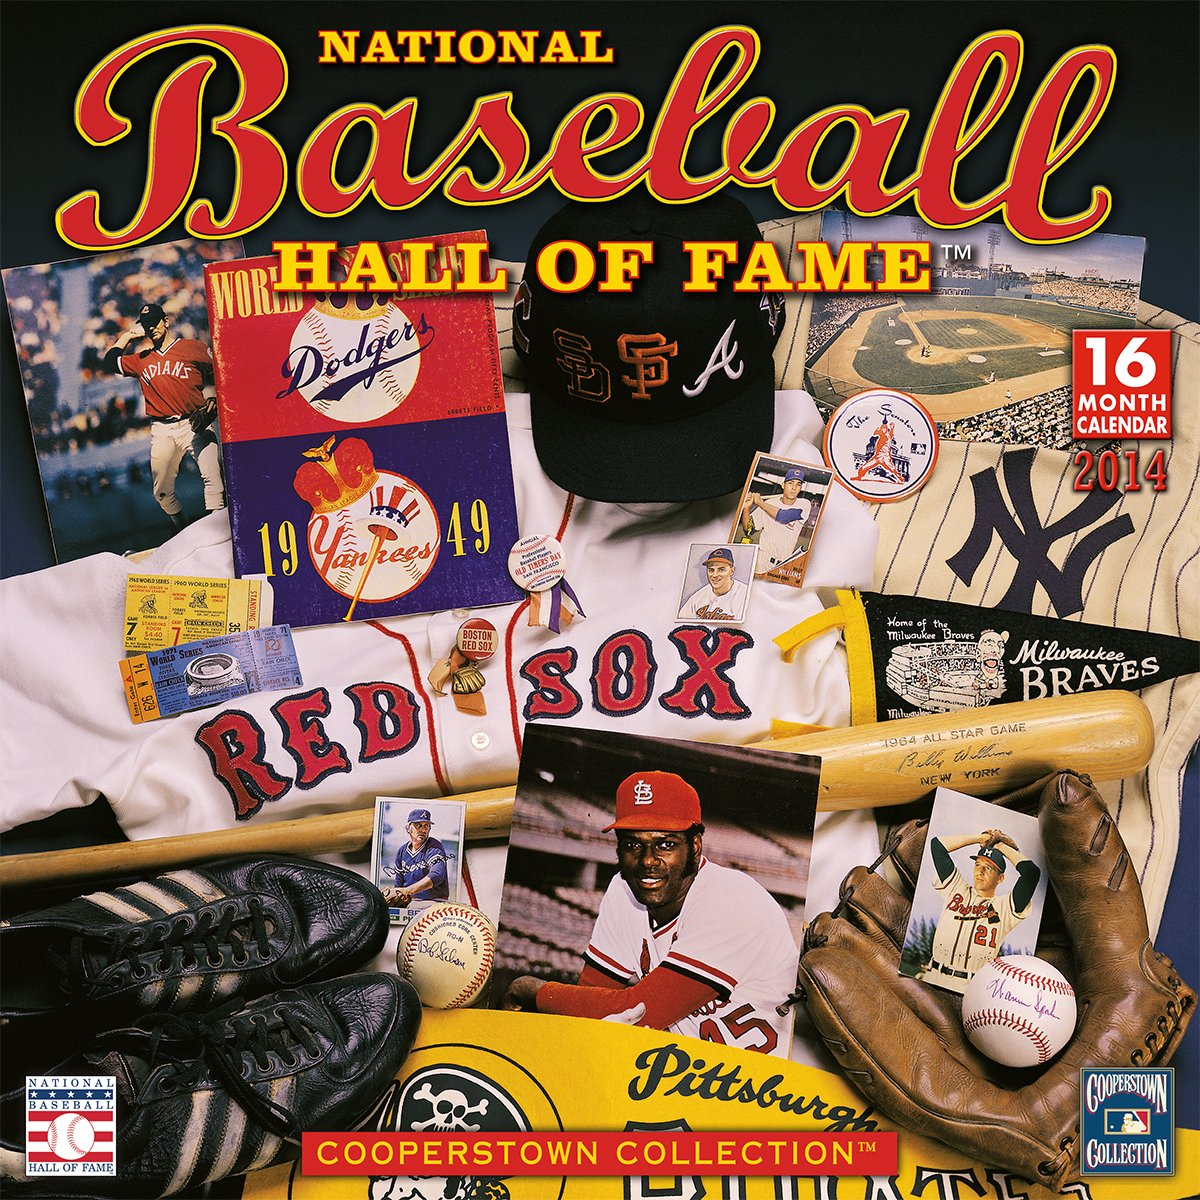 National Baseball Hall of Fame 2014 Wall (calendar)